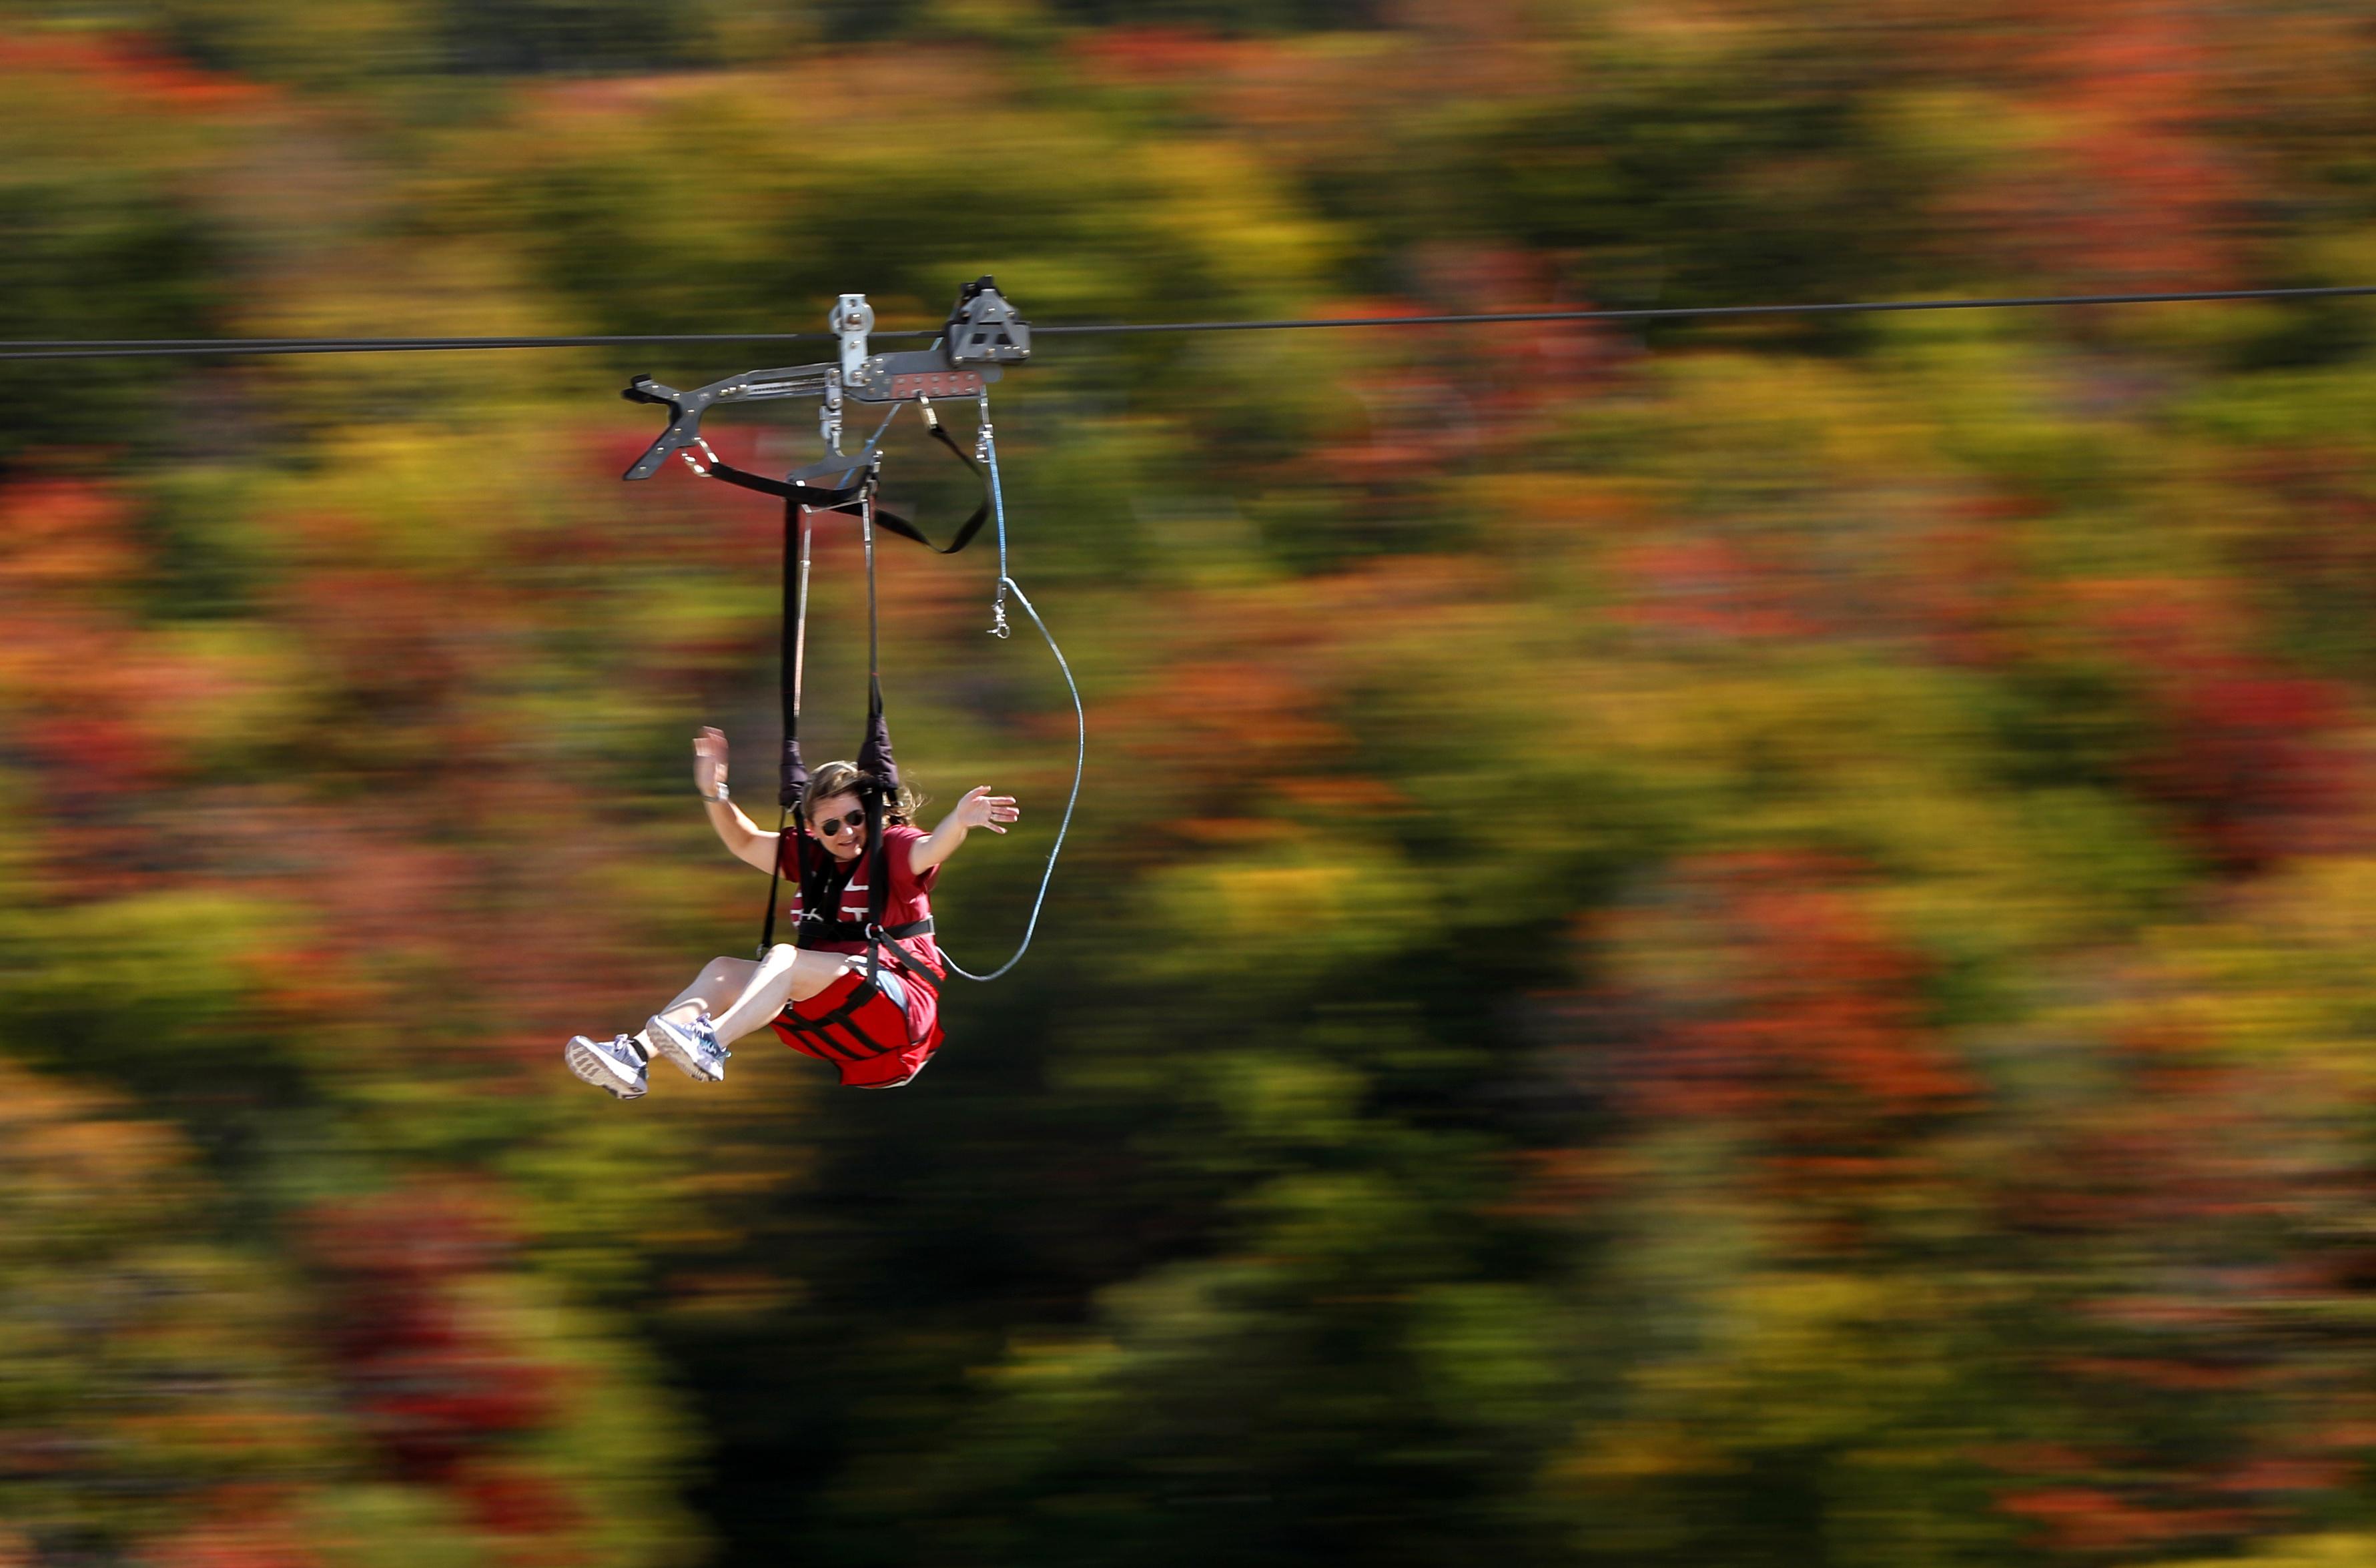 來自麻州的Katie McWalter,23日在新罕布夏的Pinkham Notch的野貓山上玩高空滑索,山中樹葉已有秋意。(美聯社)